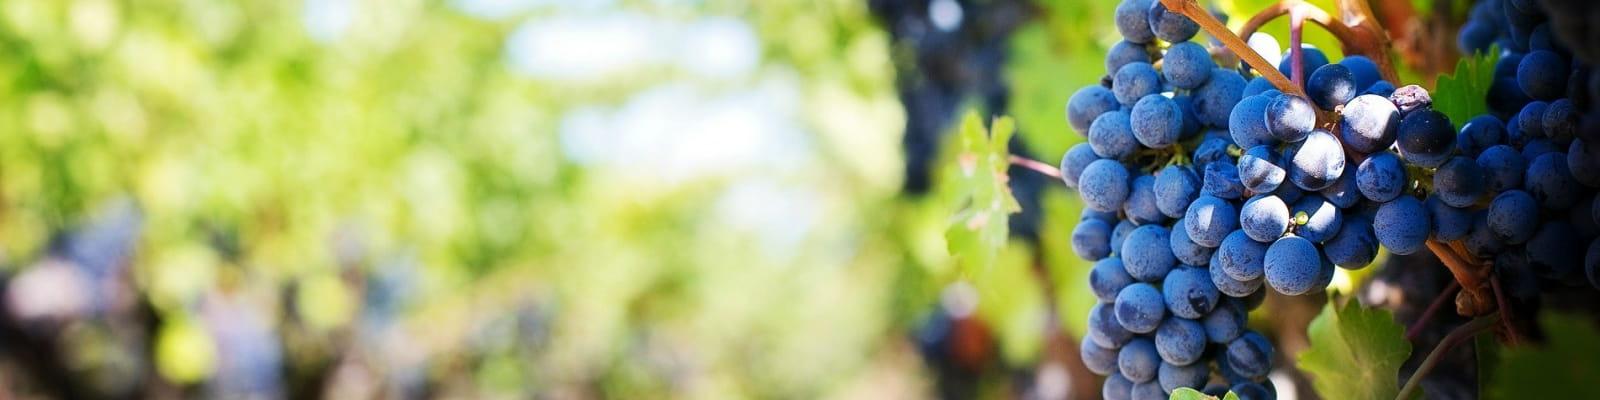 vigne grappe vin